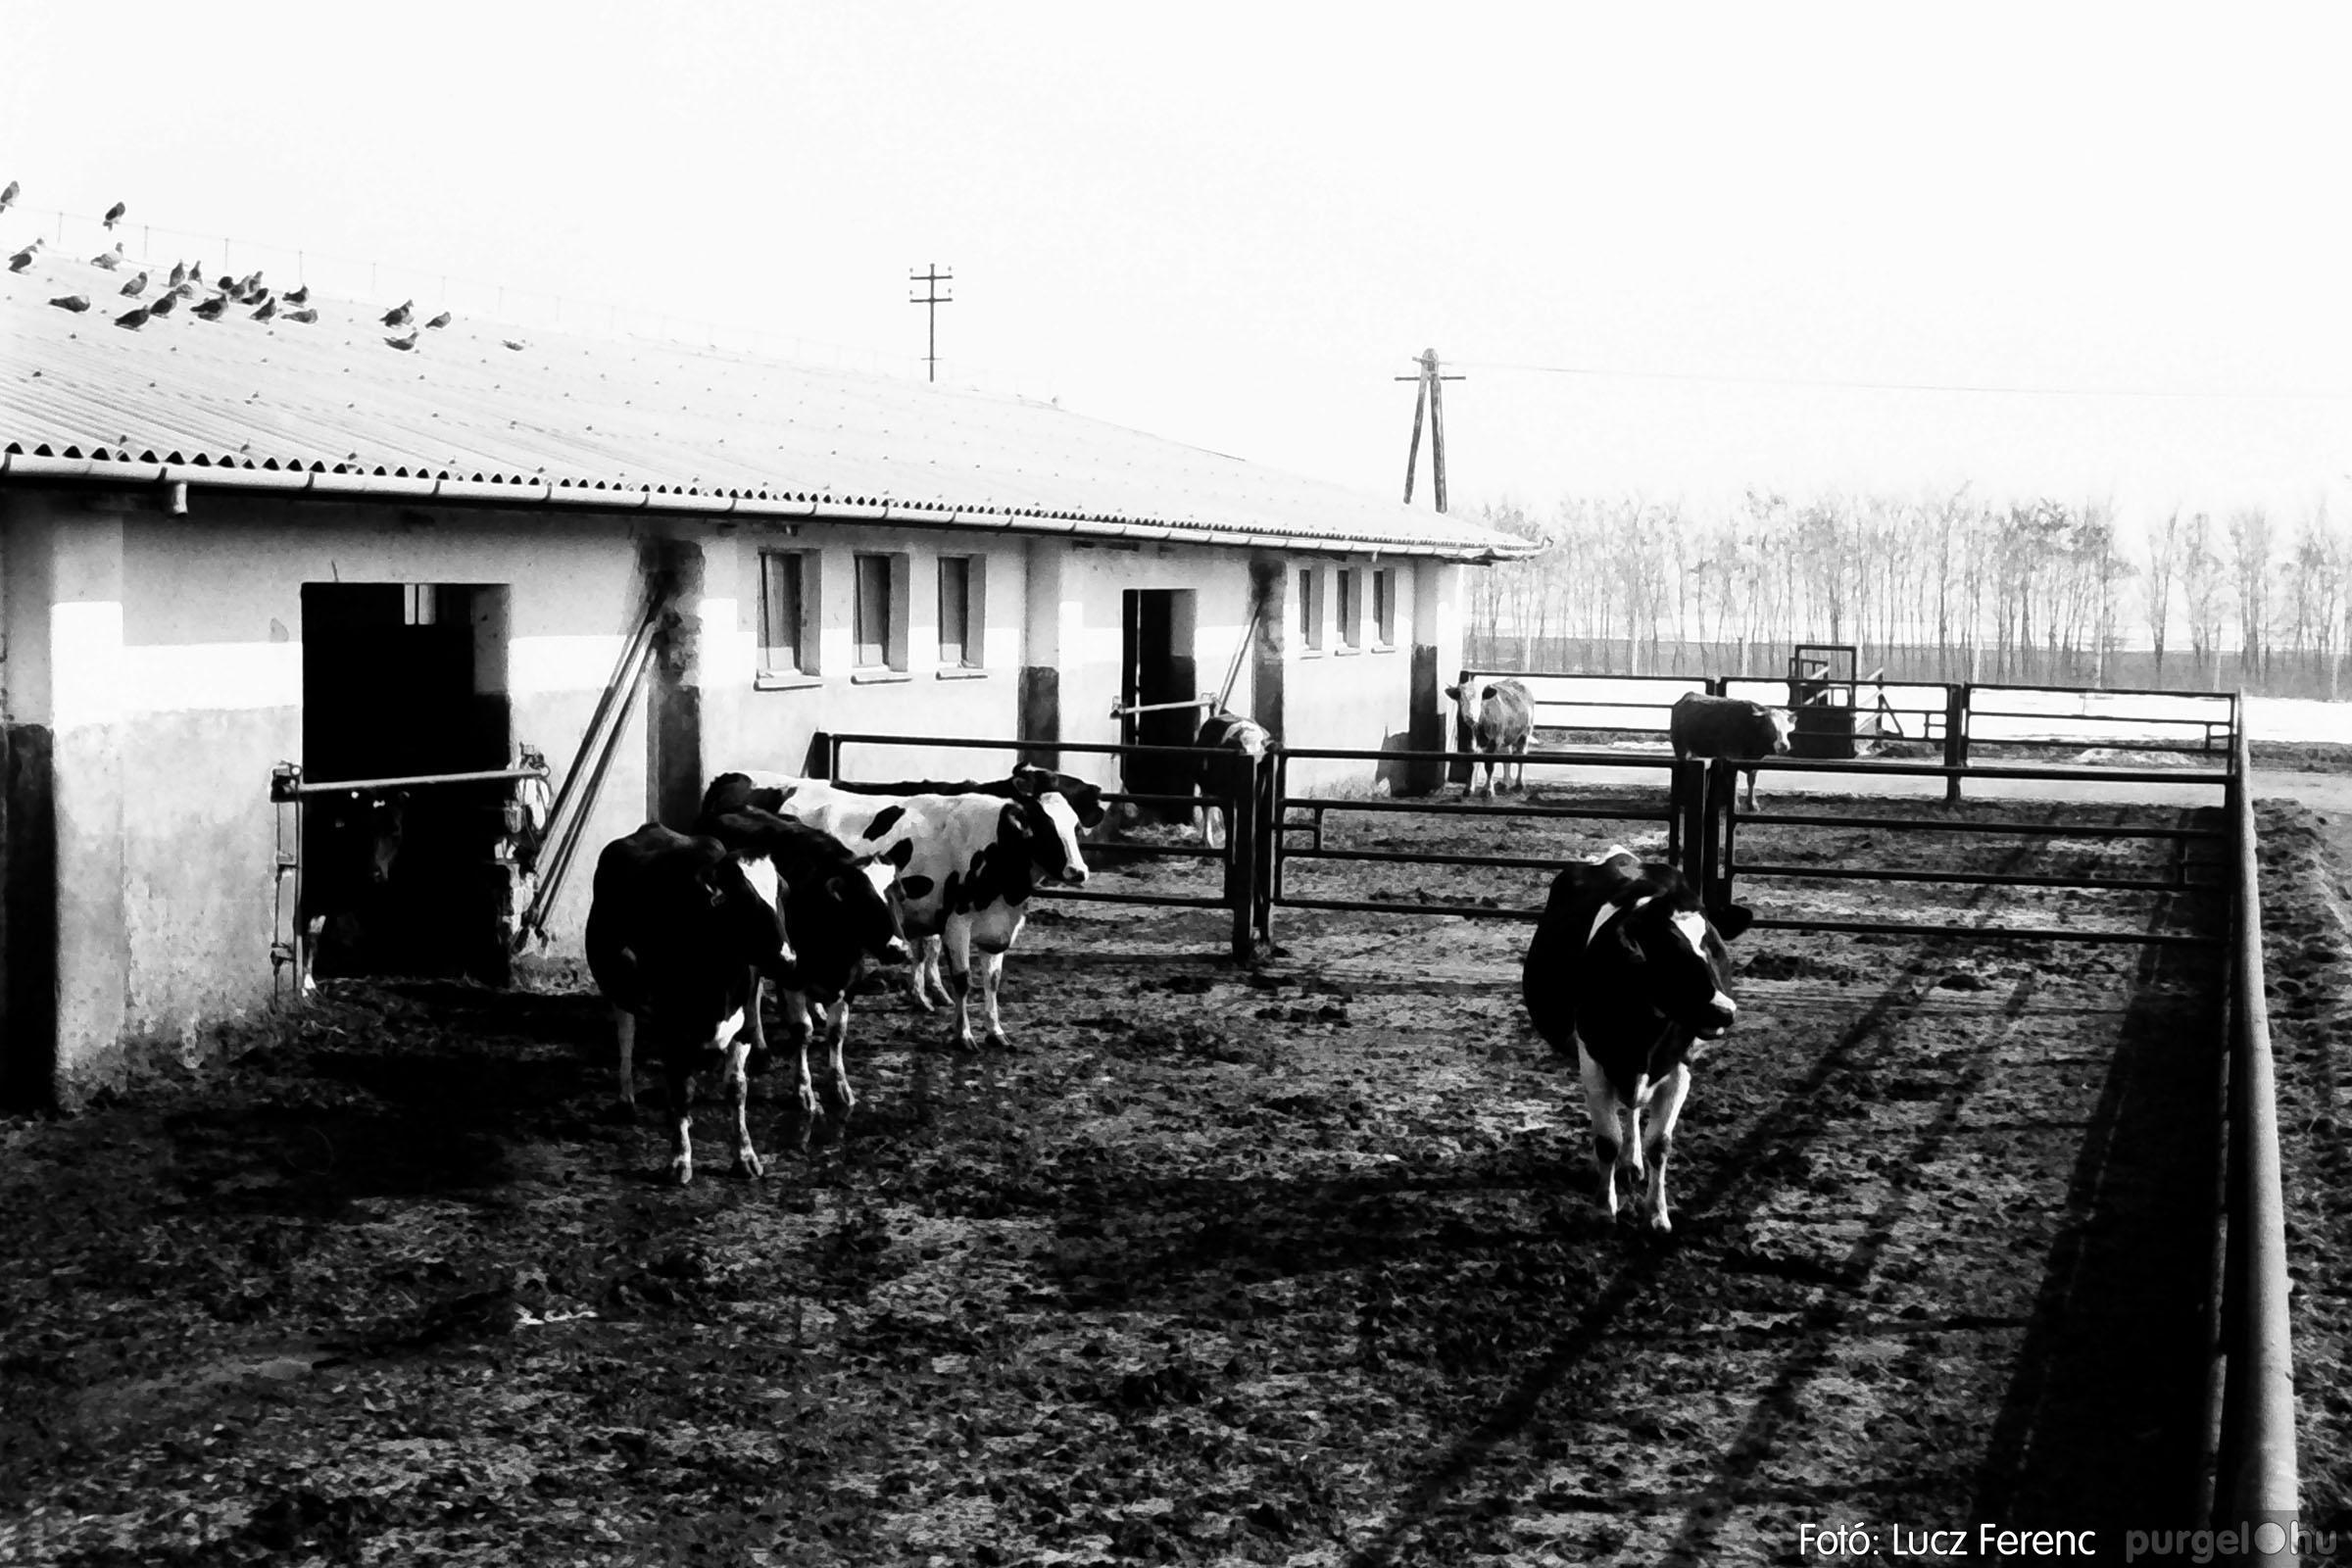 033-034. 1976. Élet a sápi tehenészetben 018 - Fotó: Lucz Ferenc.jpg